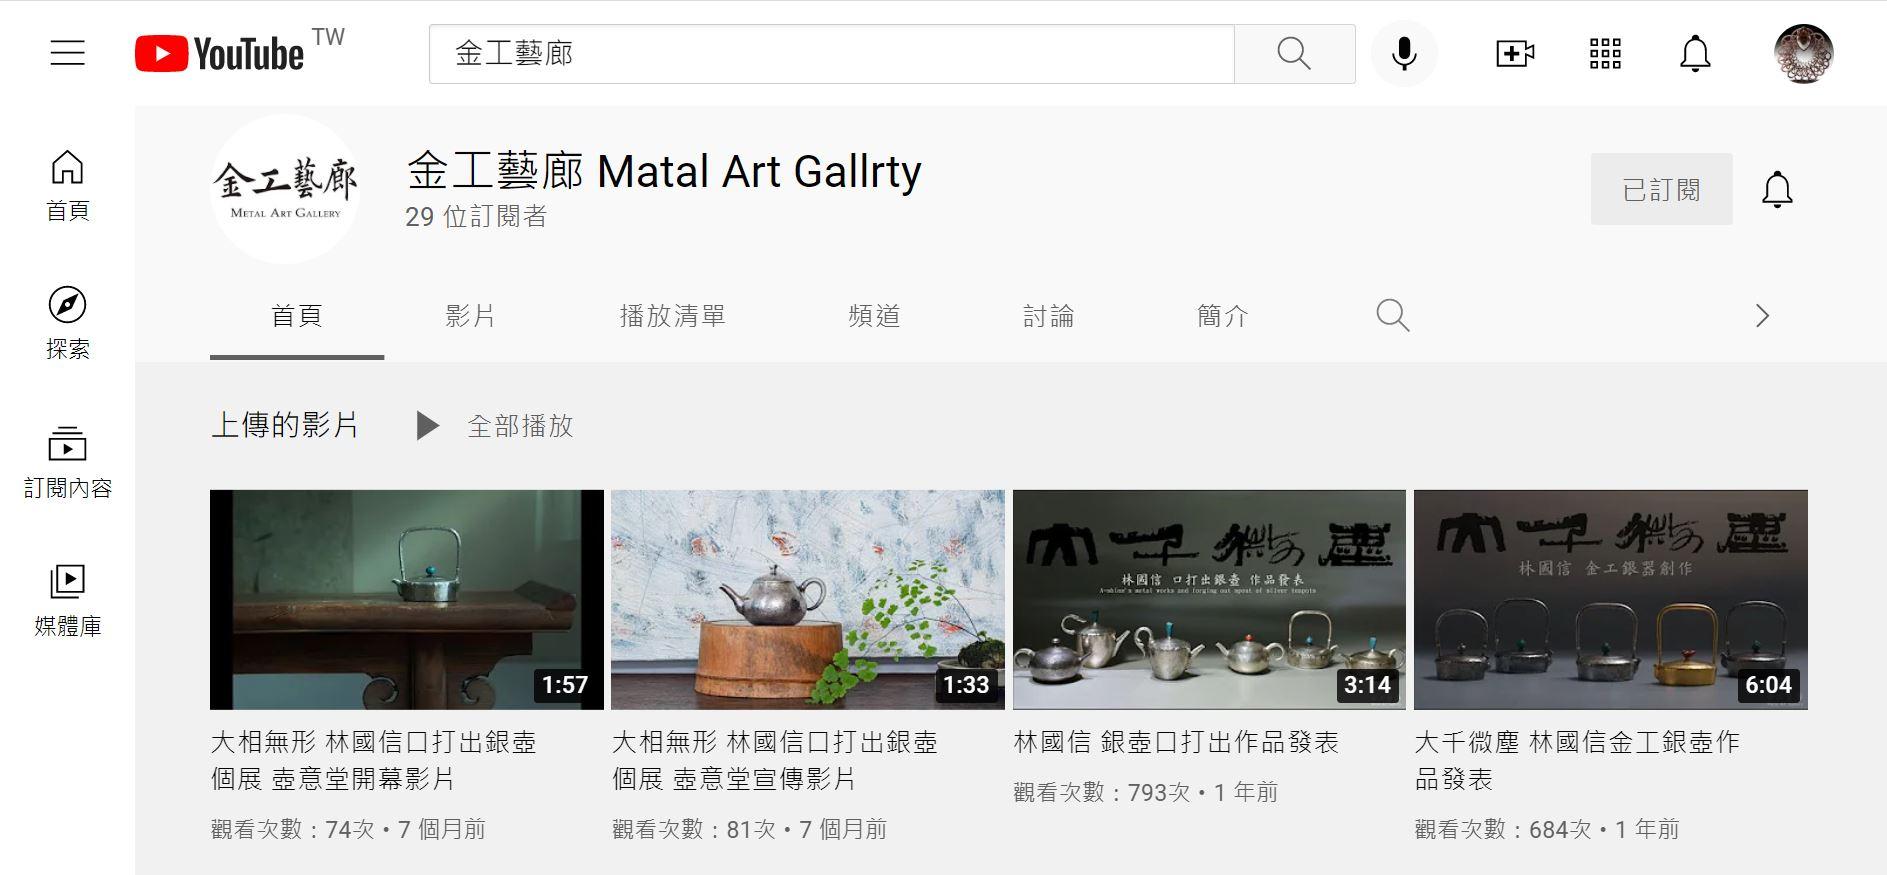 歡迎訂閱金工藝廊YouTube 頻道